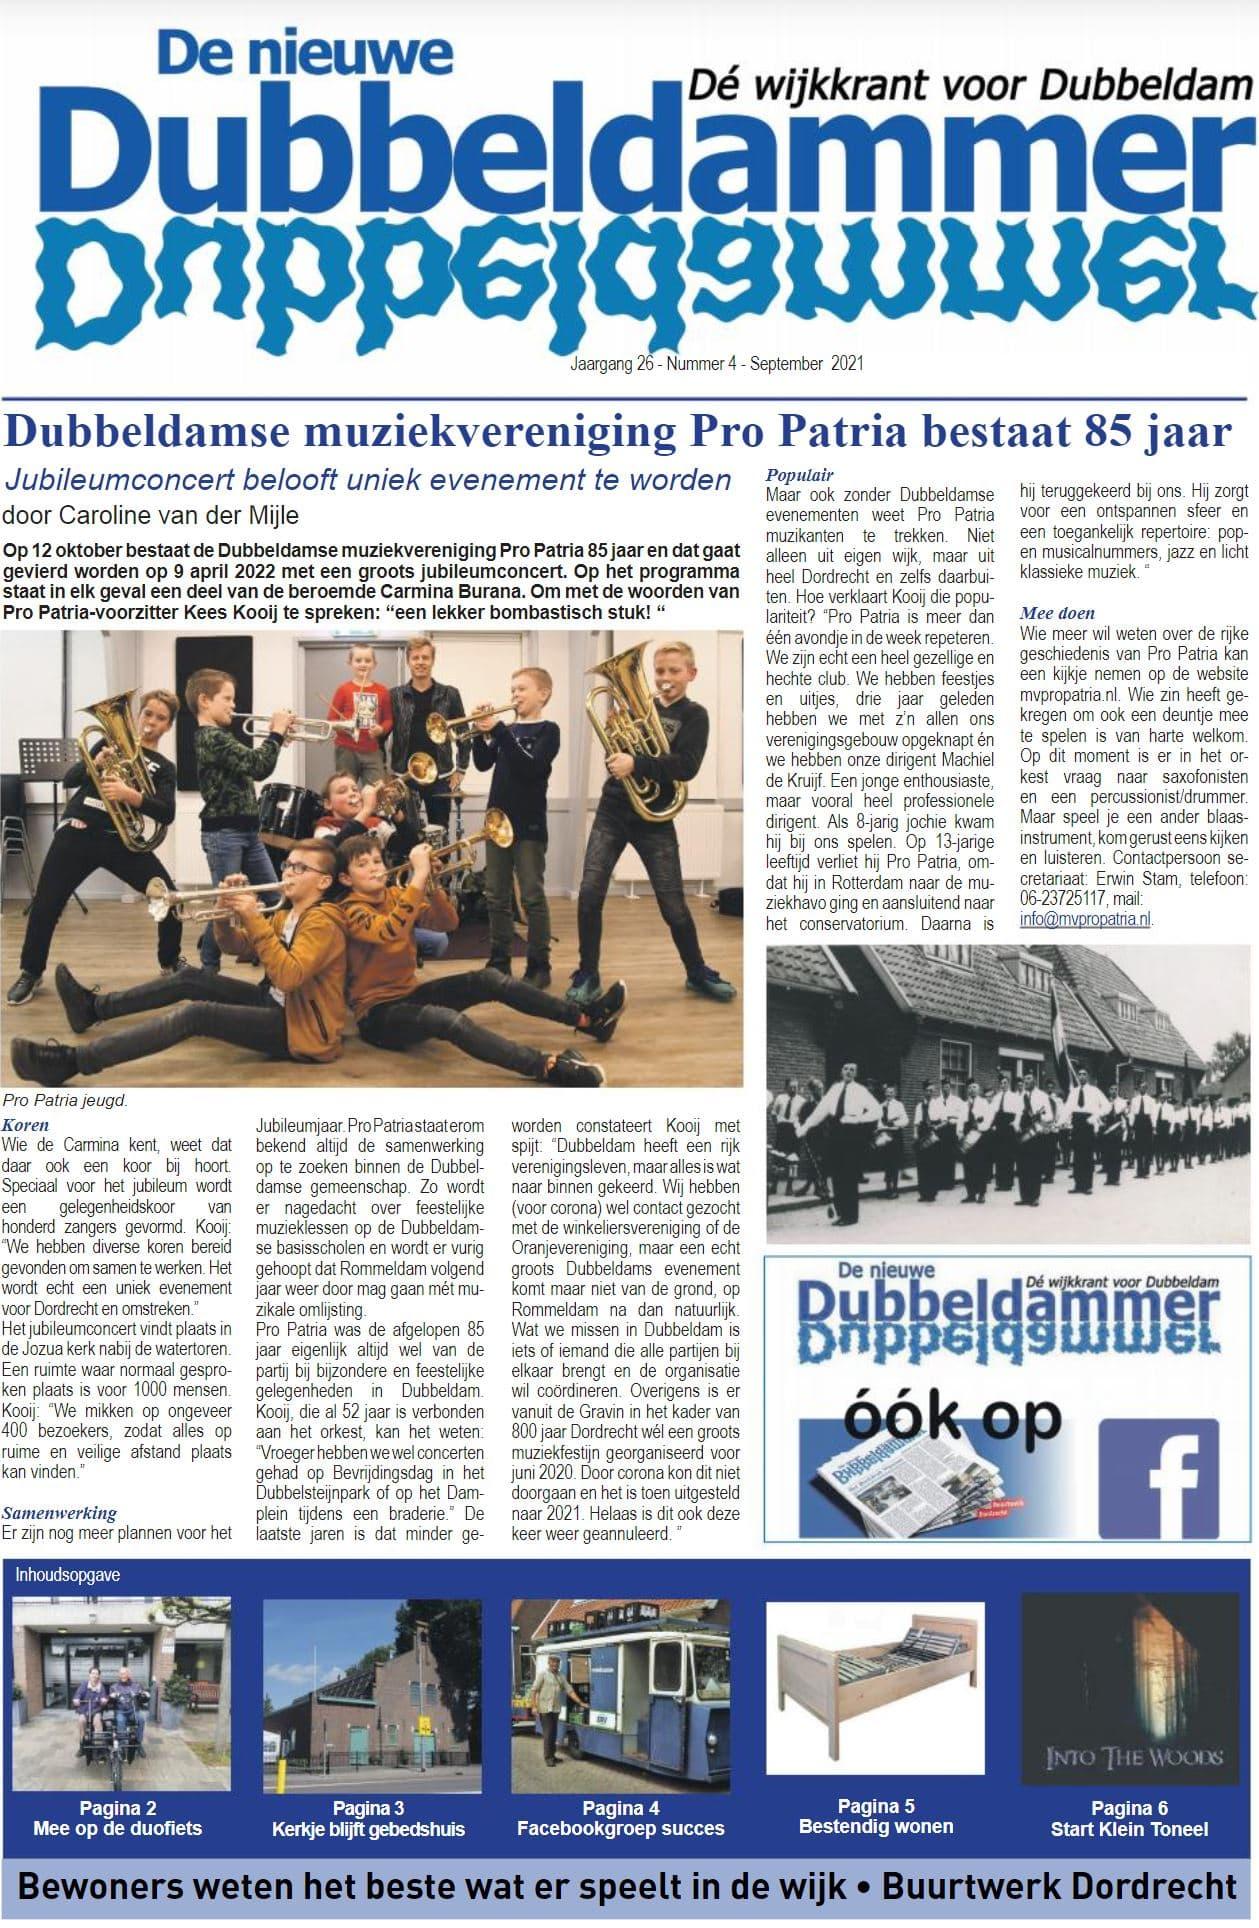 Pro Patria Artikel de nieuwe Dubbeldammer